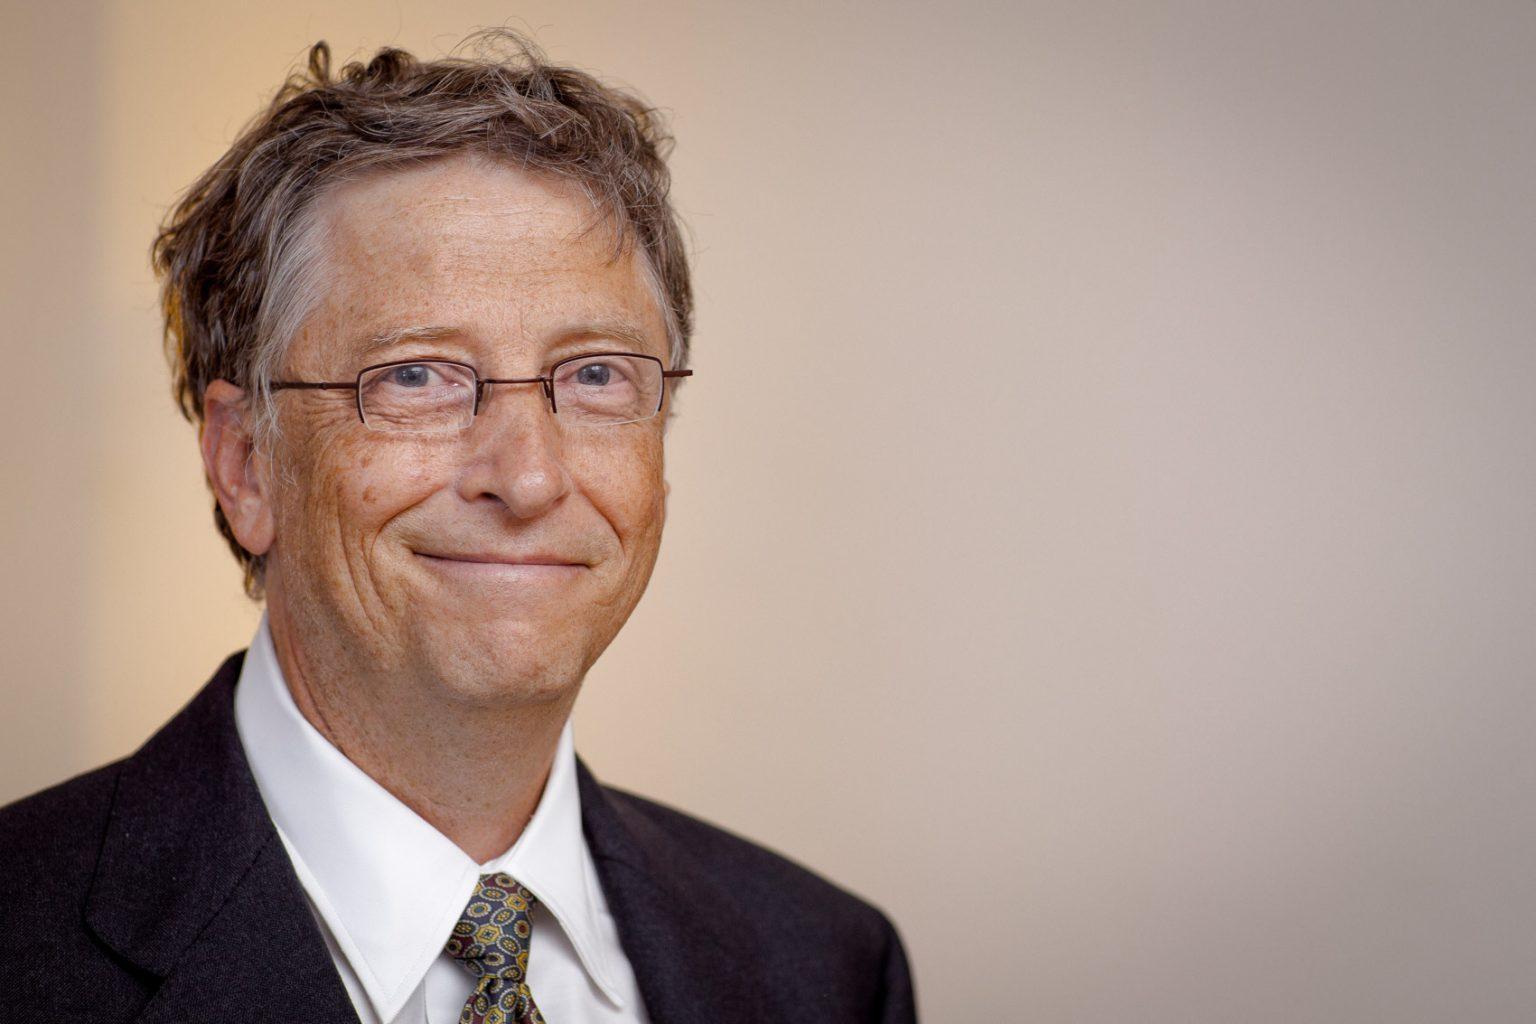 Билл Гейтс - второй самый богатый человек в мире в 2021 году